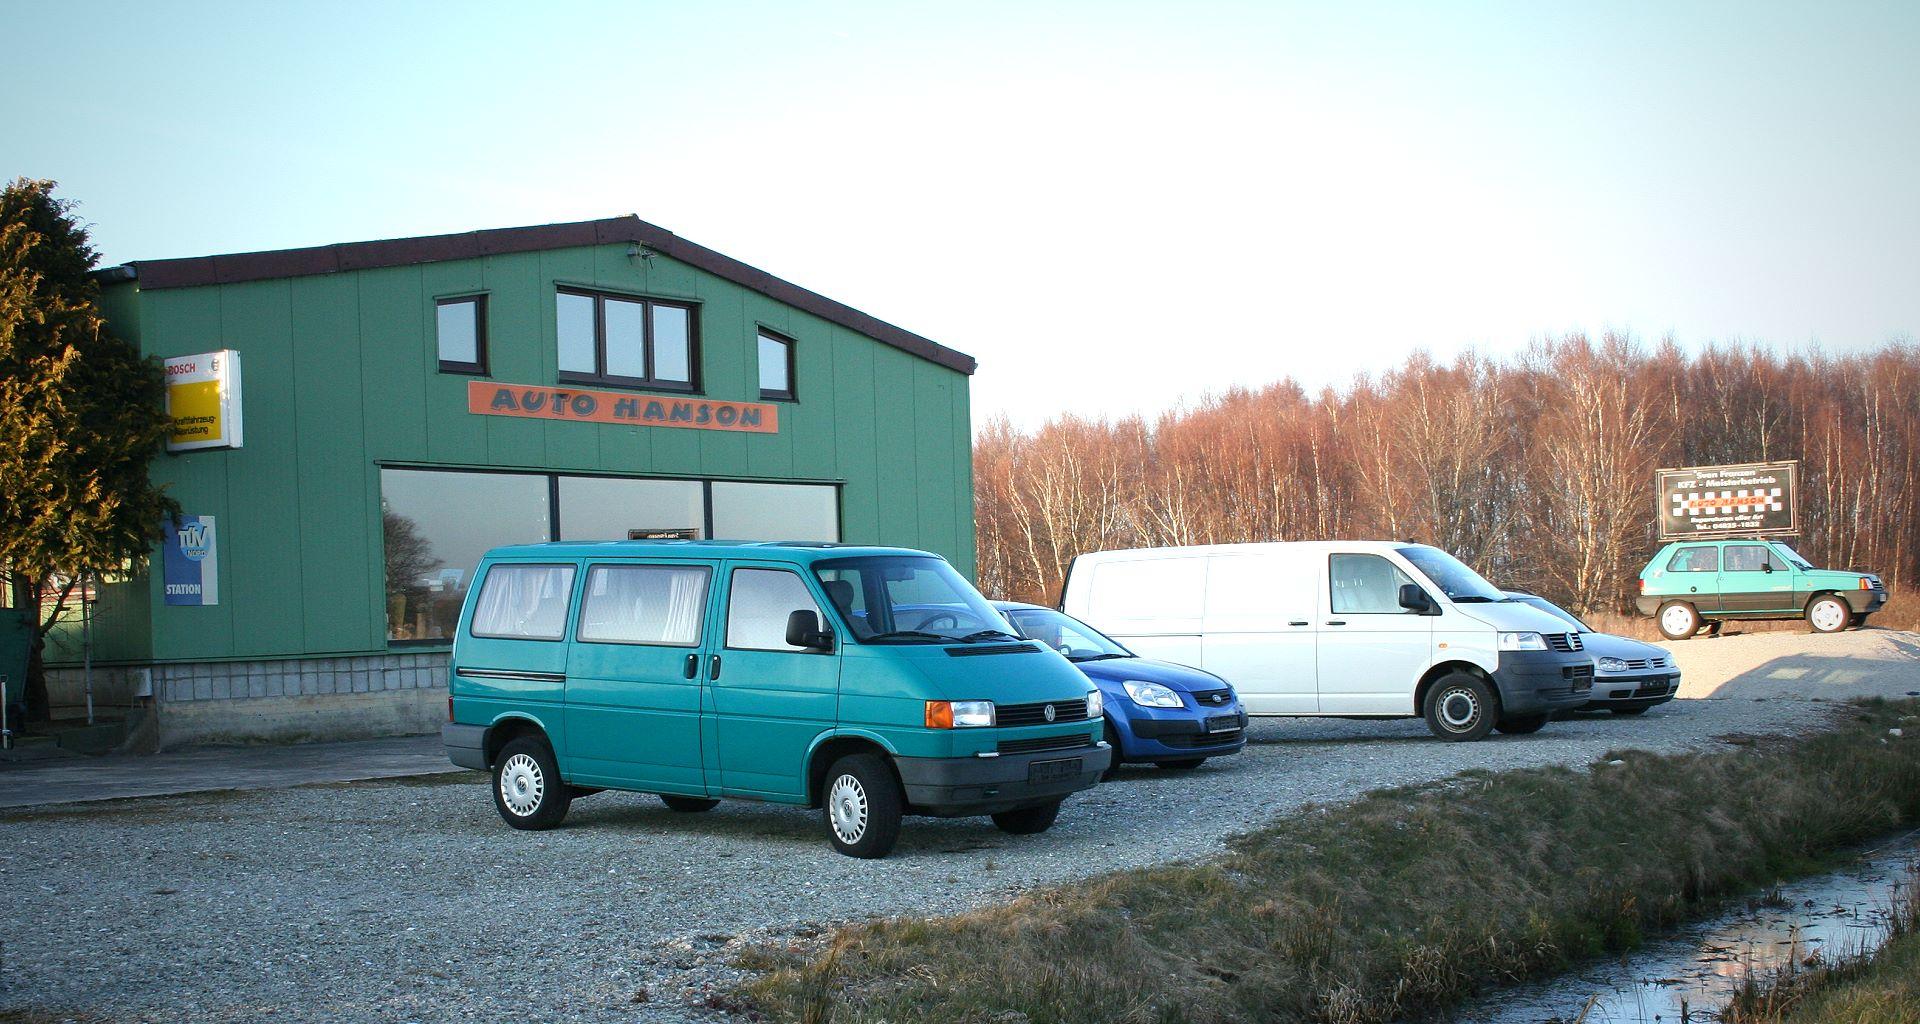 Auto hanson impressum for Hanson motors service department